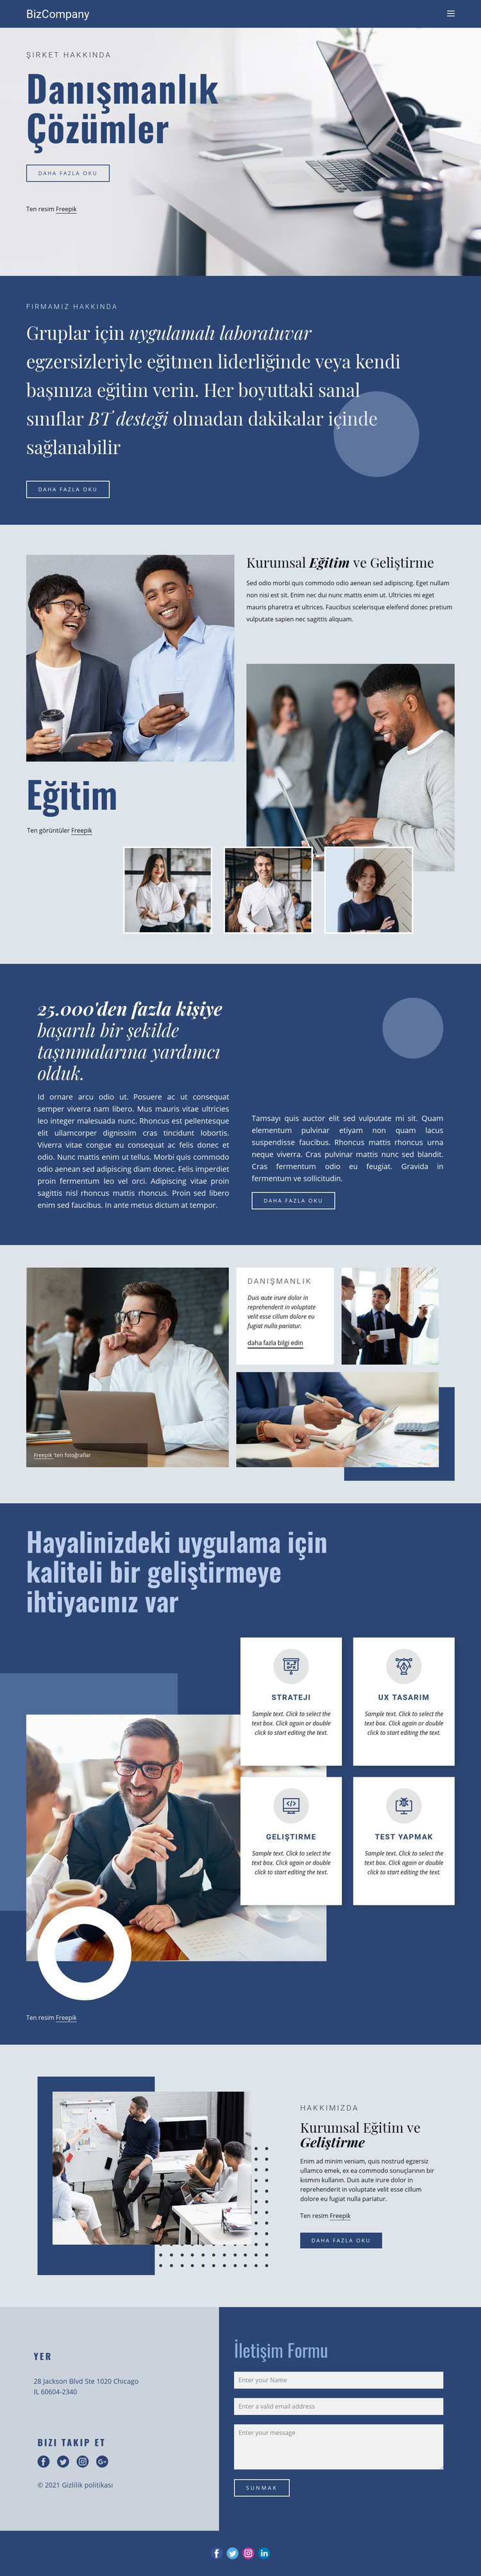 Eğitim ve mesleki gelişim Web Sitesi Şablonu